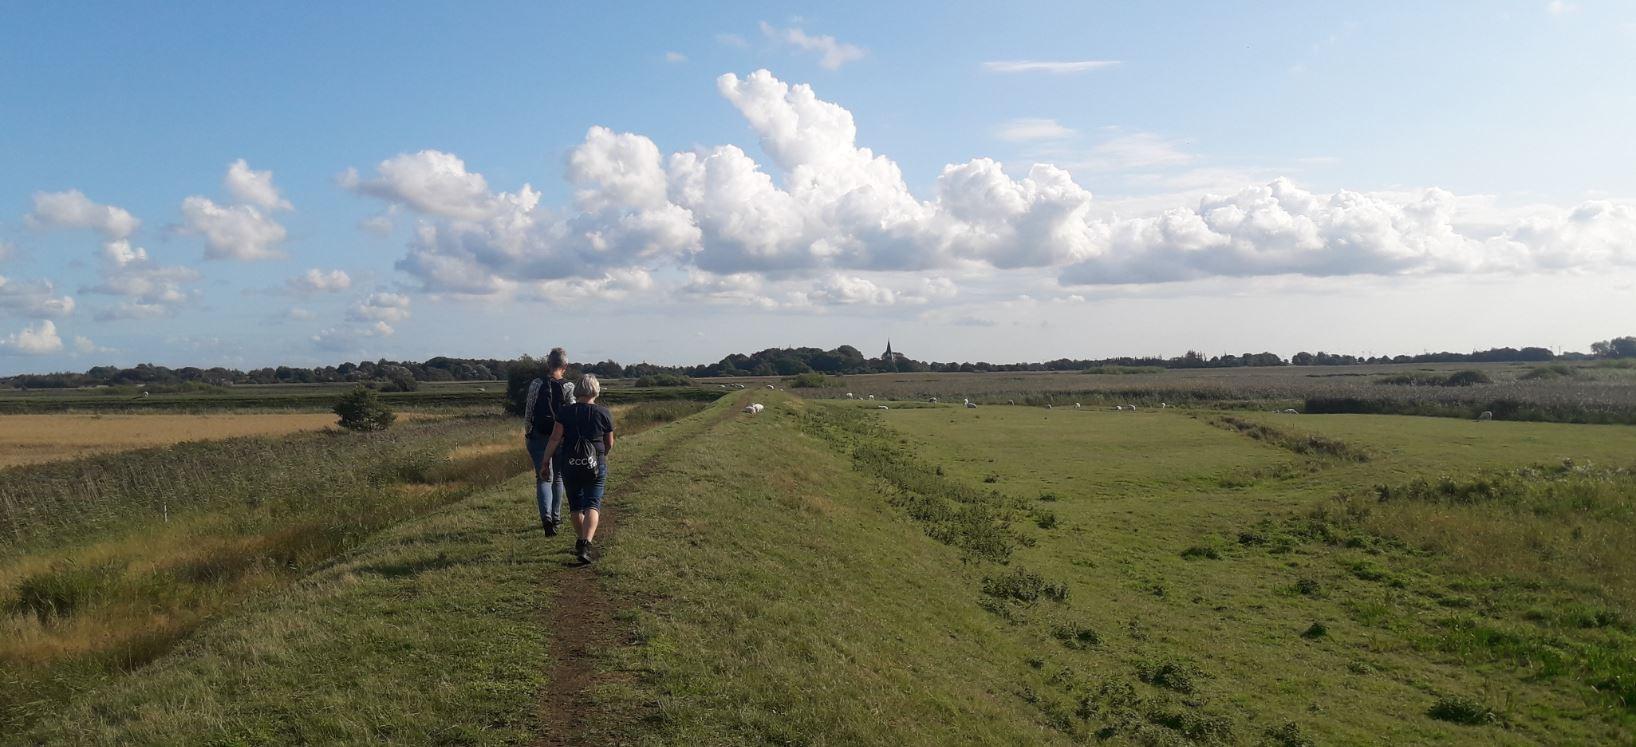 Vandretur med guide i Tøndermarsken omkring Højer